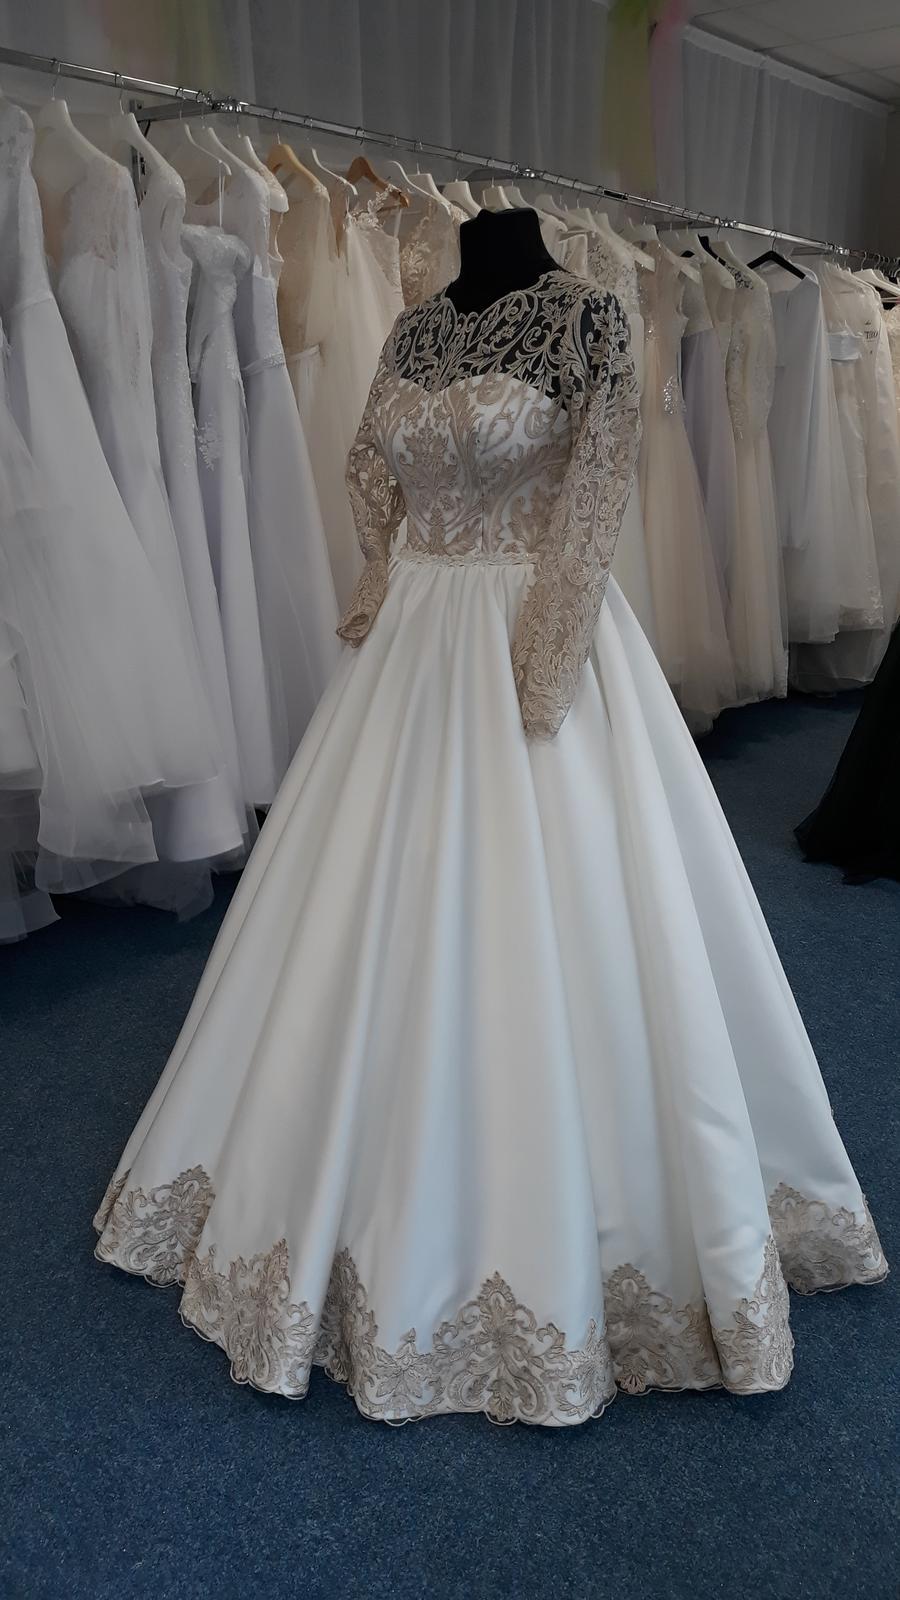 Svatební šaty  jen na objednání velikosti 36 až 42 - Obrázek č. 3